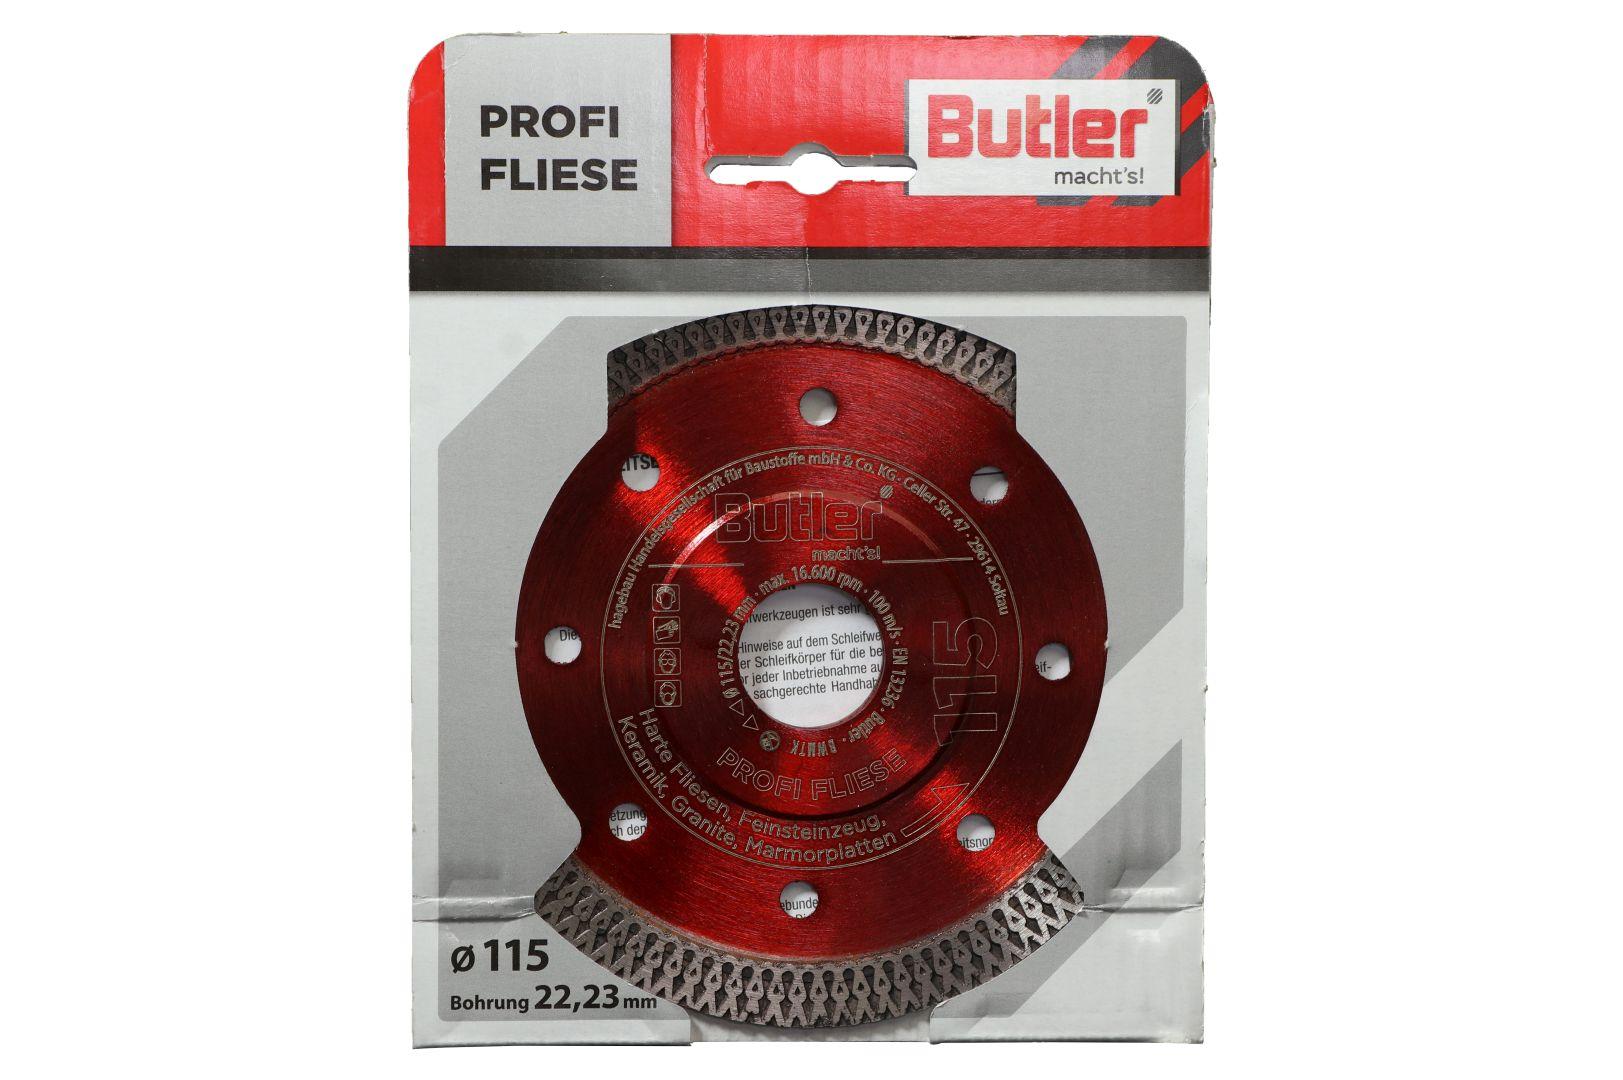 Butler macht's! Diamant-Trennscheibe Profi Fliese, Bohrung: 22,23 mm, Ø 115 mm